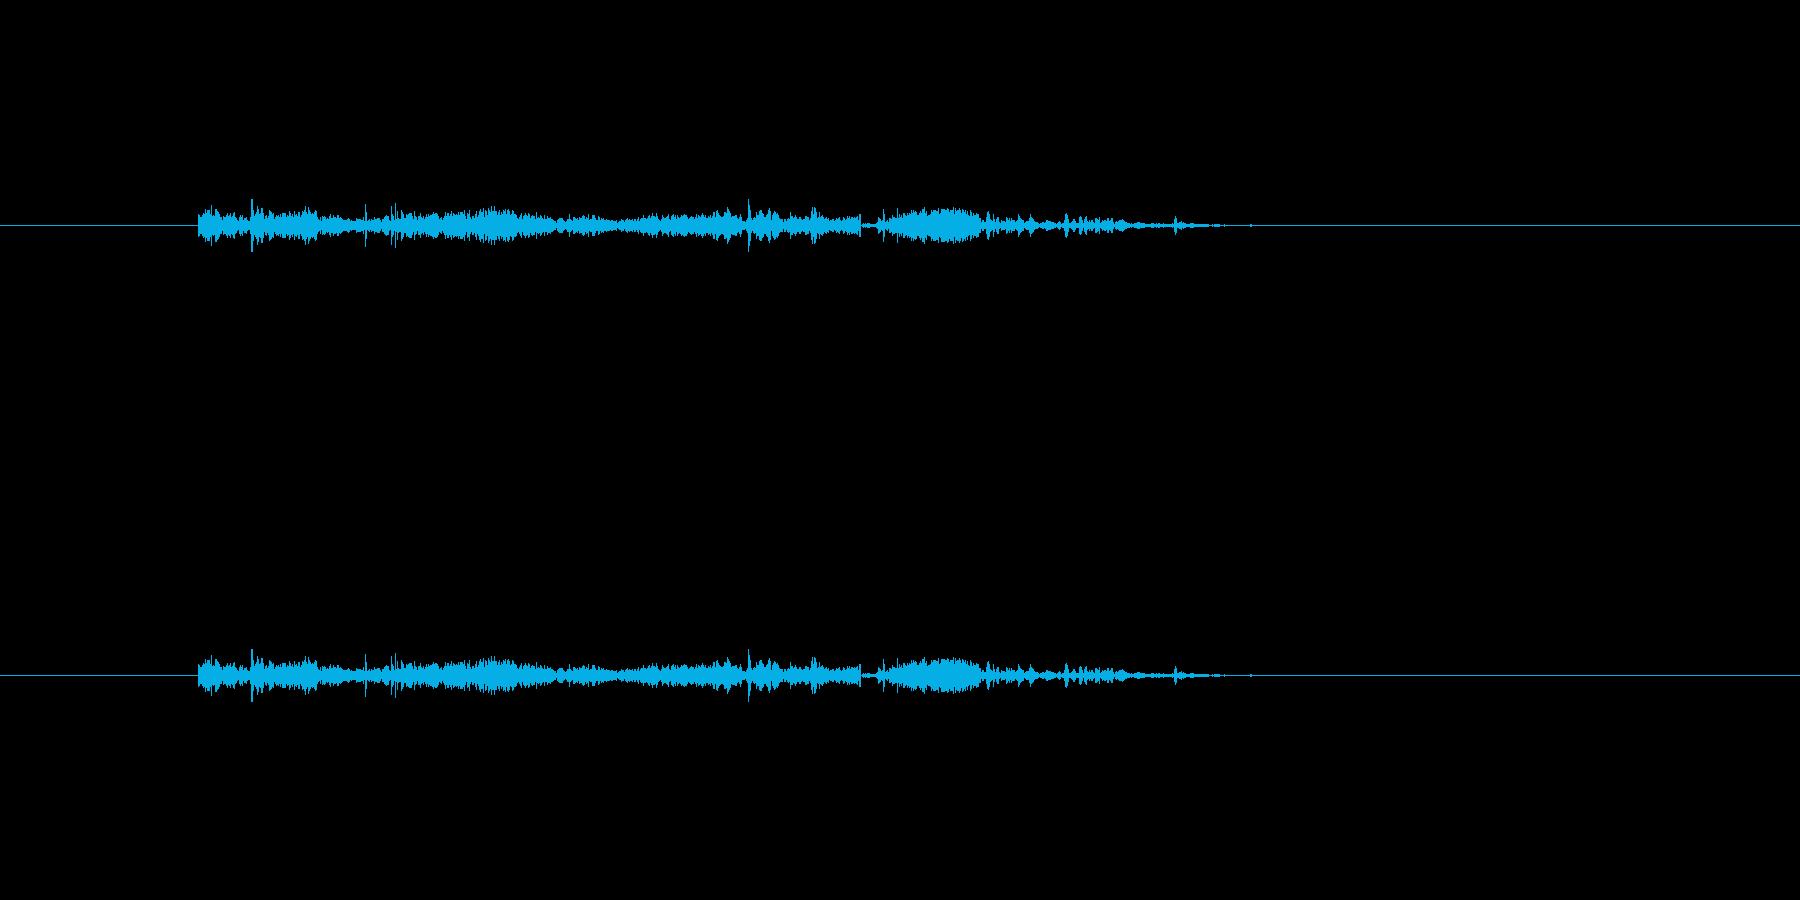 準備音の再生済みの波形